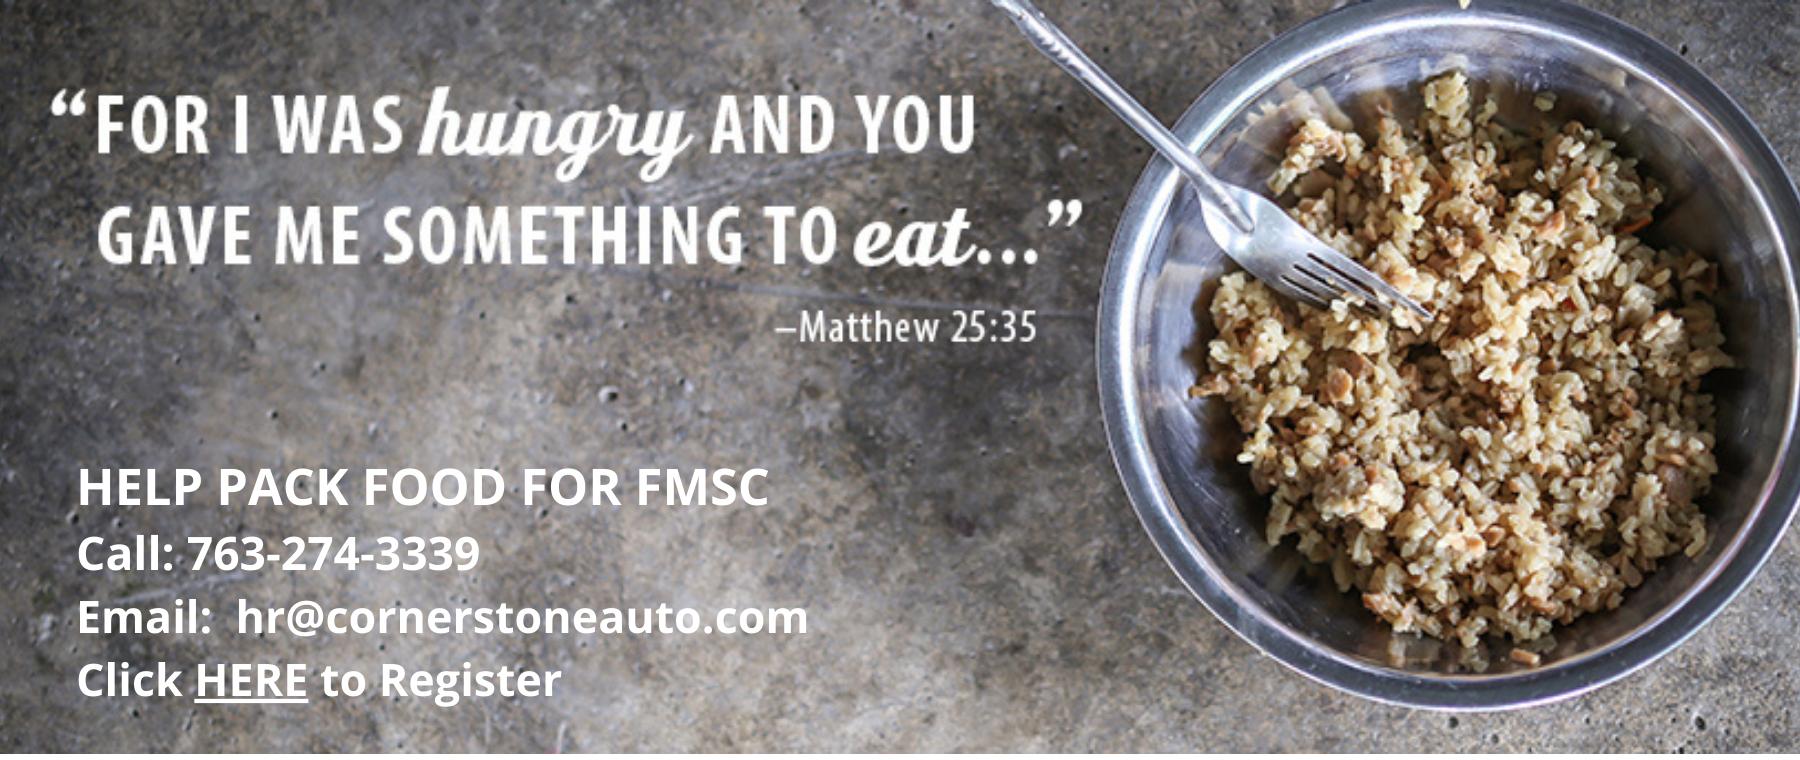 FMSC Chev Web banner